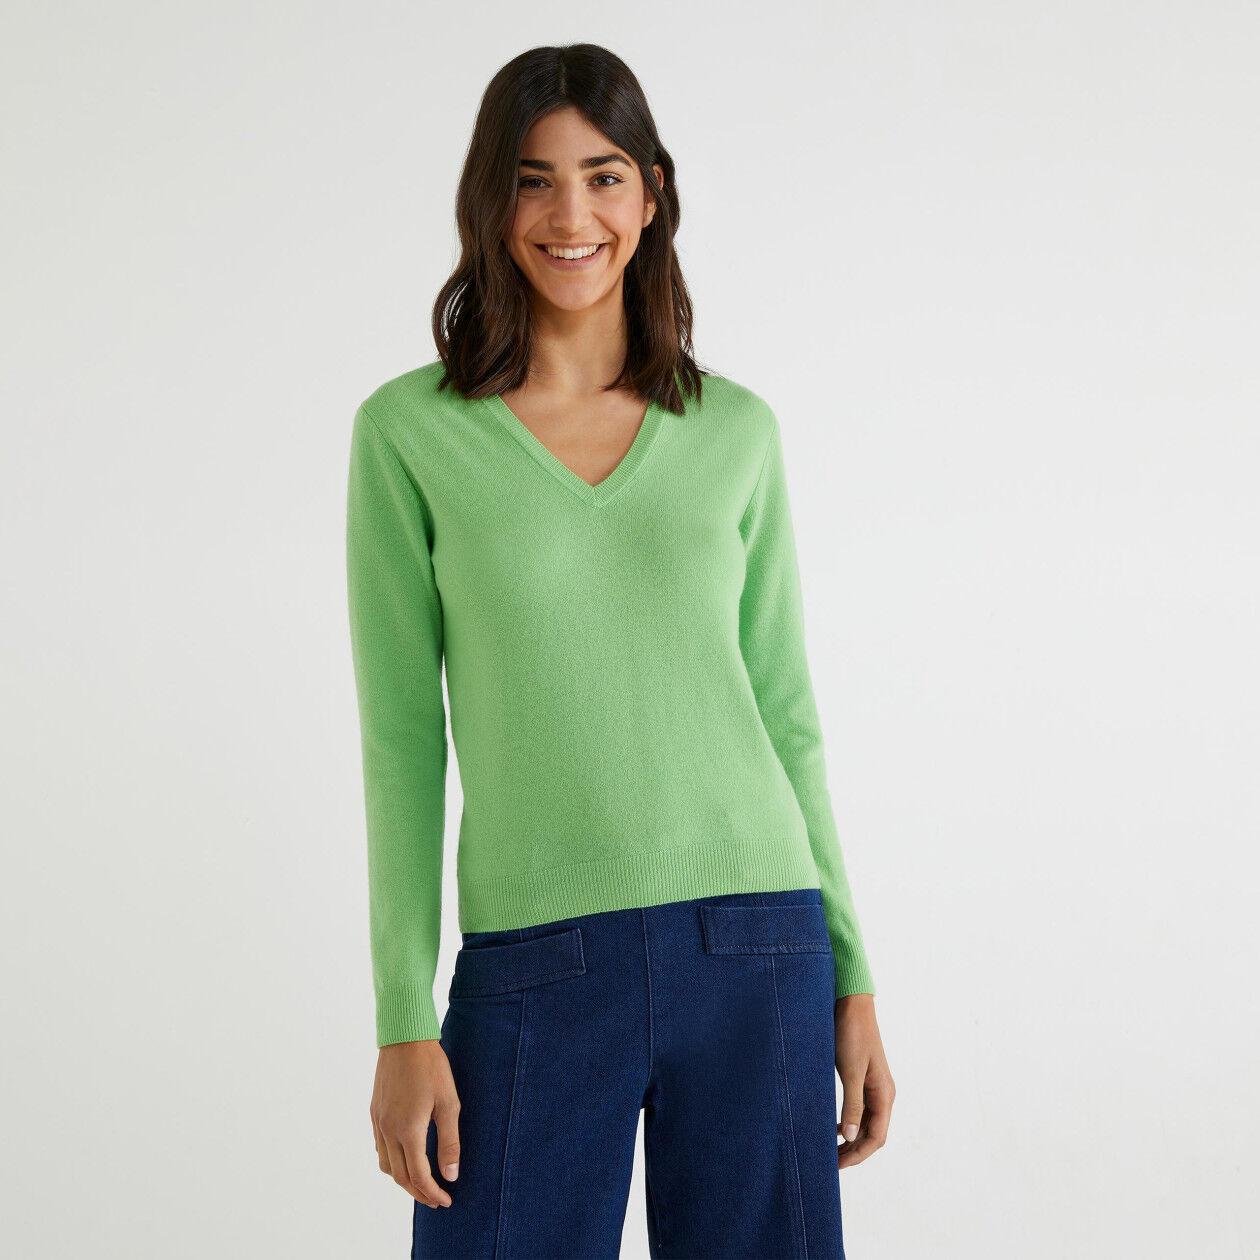 Maglia scollo a V 100% lana vergine